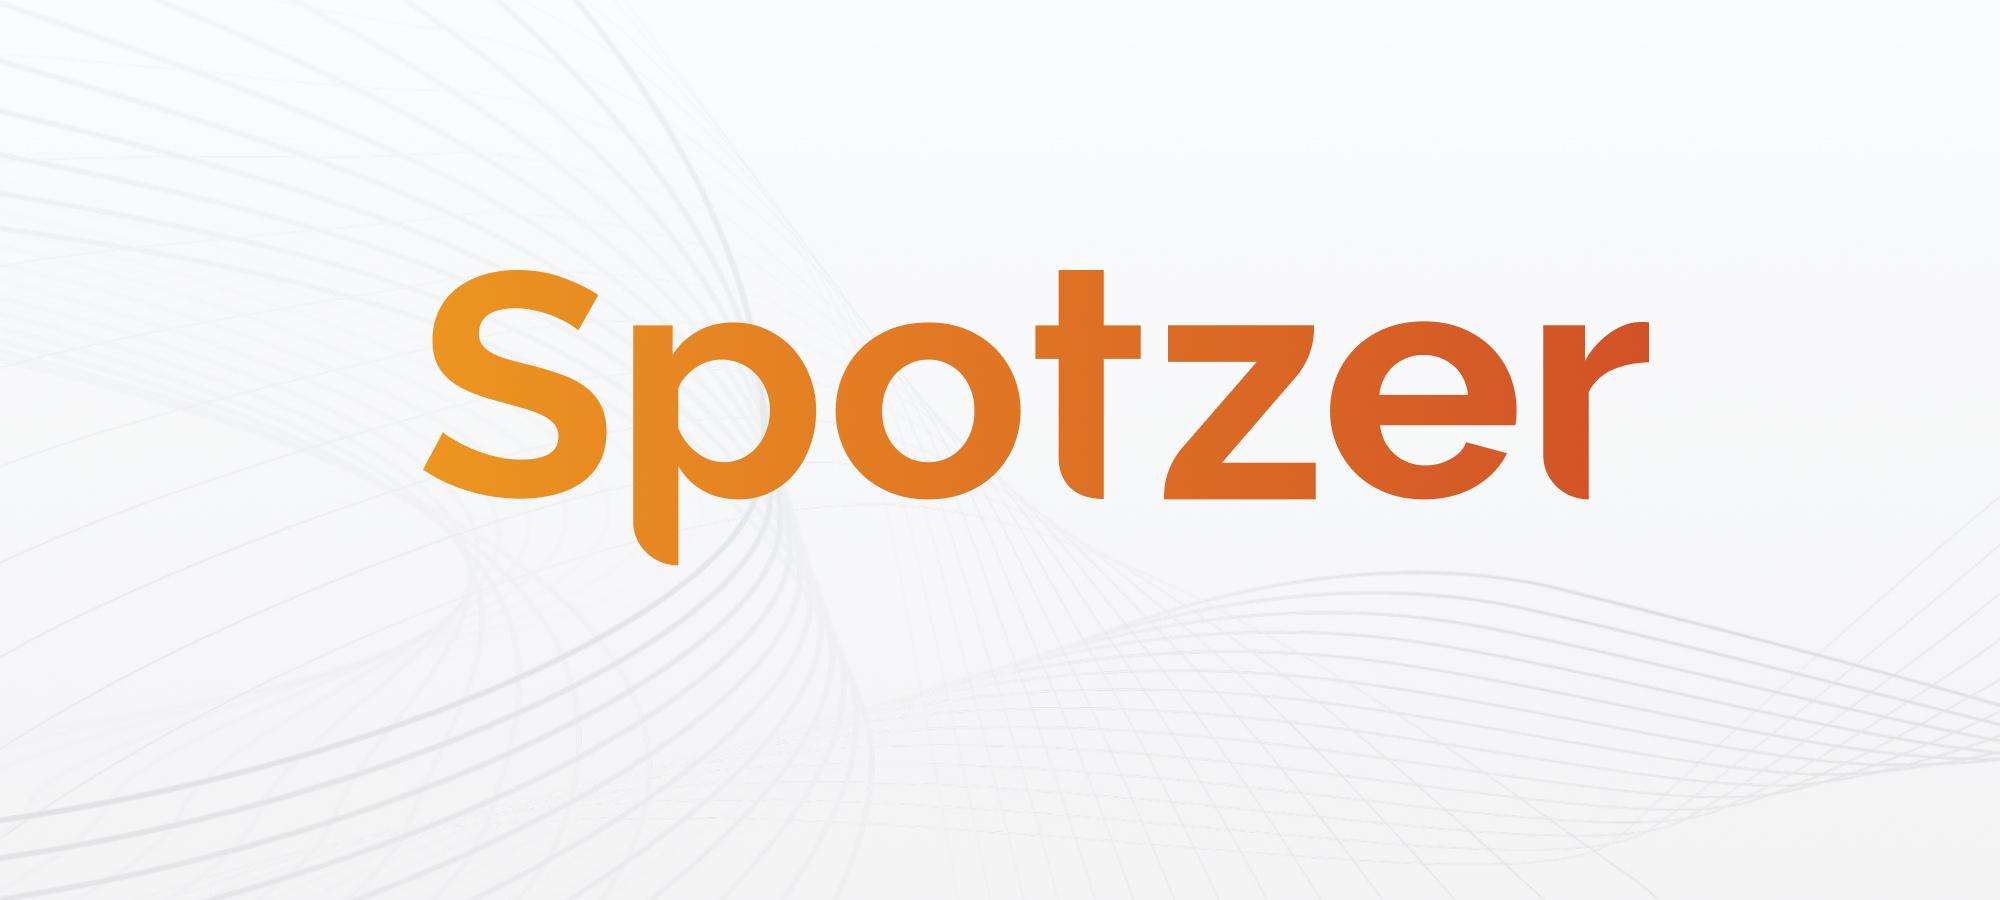 New Spotzer logo banner image